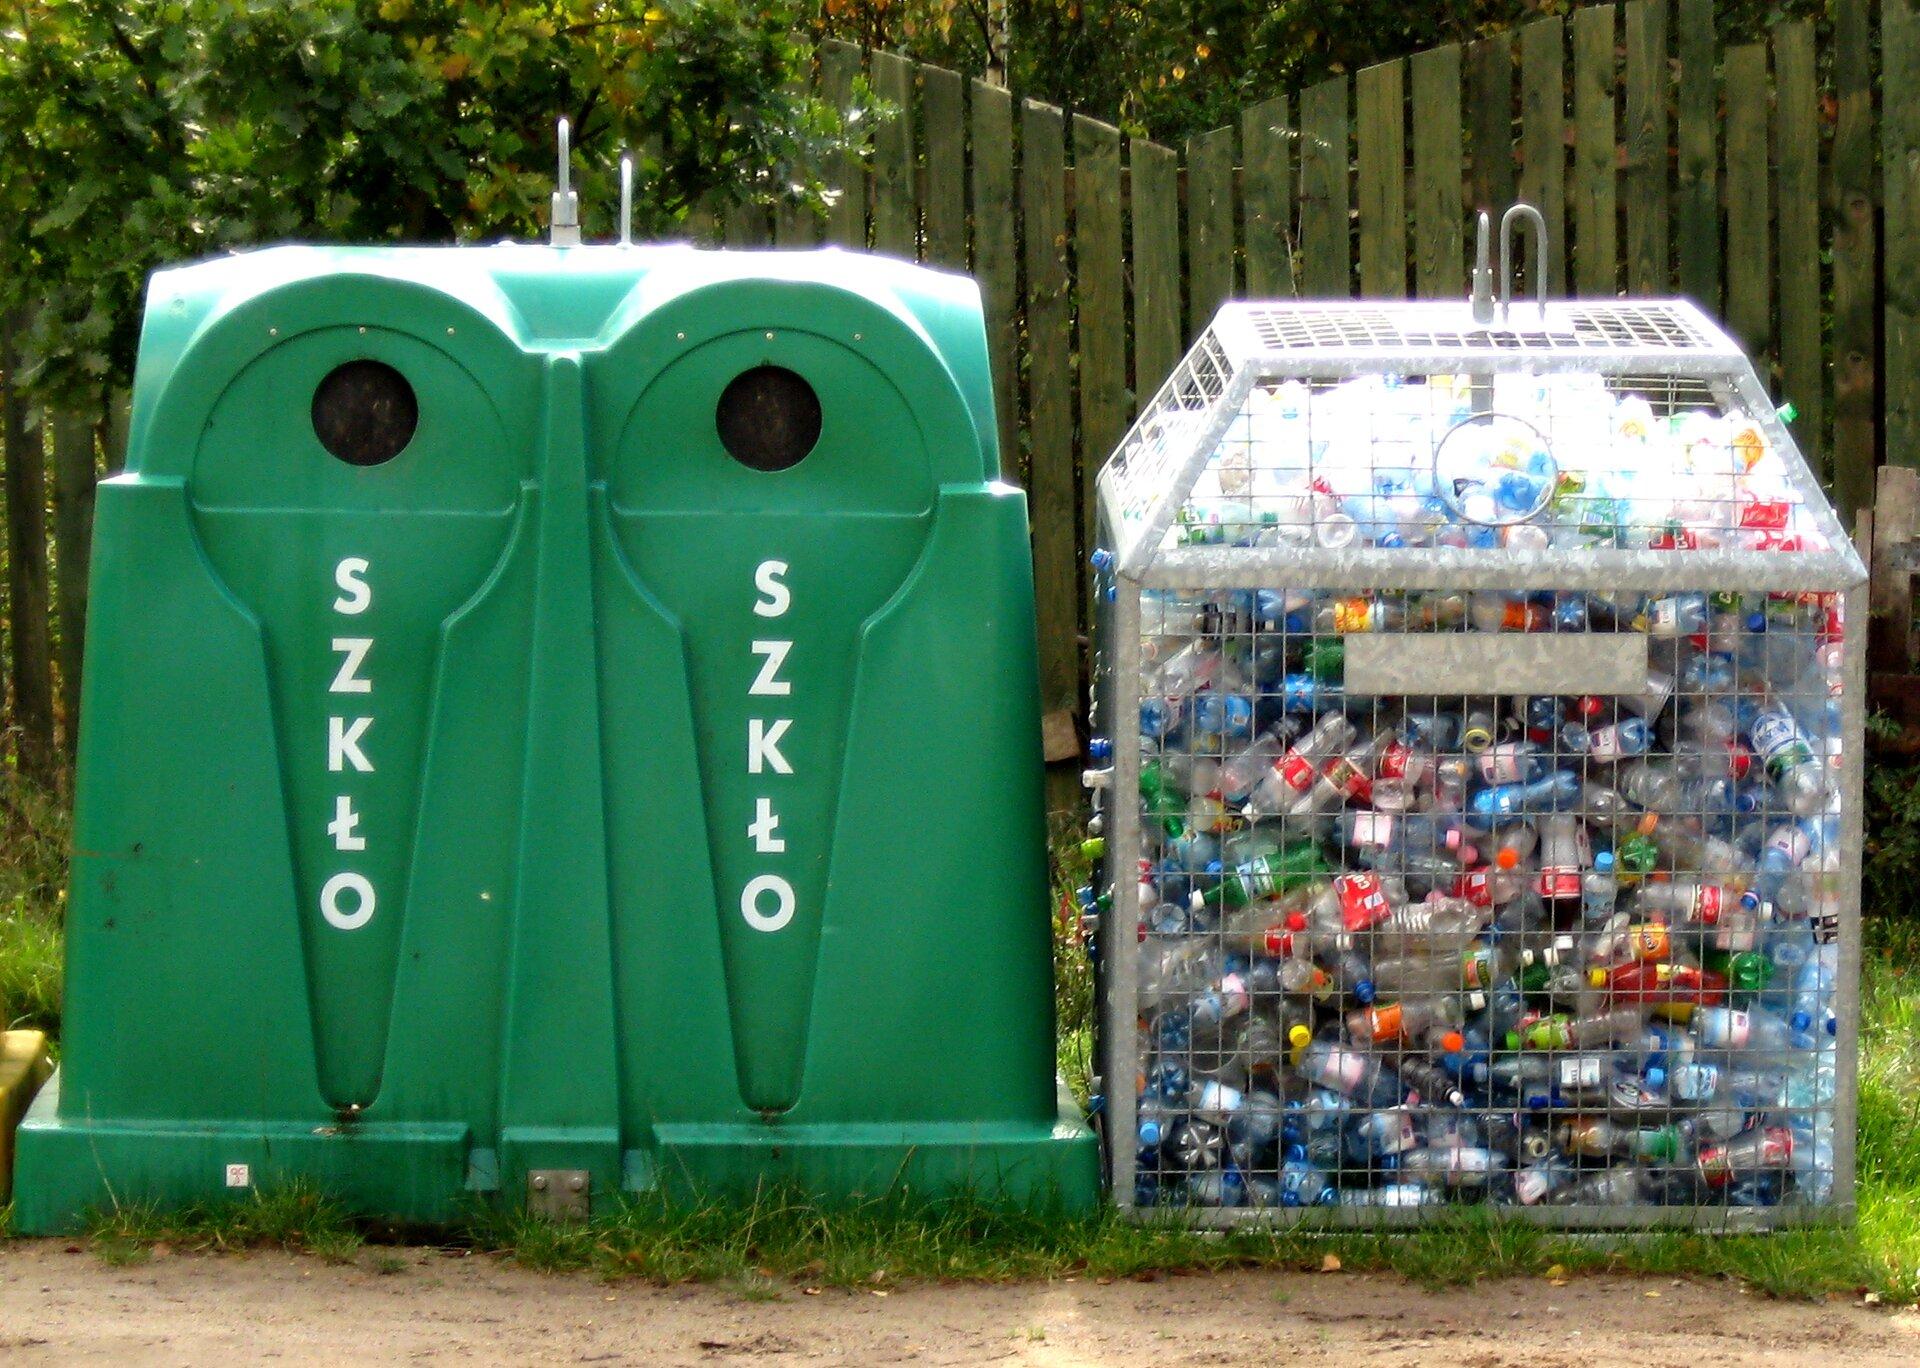 Fotografia przestawia dwa pojemniki do selektywnej zbiórki odpadów. Pojemniki stoją wwydzielonym miejscu przy ulicy. Zlewej duży zielony kontener zdwoma okrągłymi otworami ugóry. Pod nimi pionowo napisy SZKŁO. Obok siatkowy pojemnik na plastikowe opakowania. Na górze siatki ma okrągły otwór. Znajdują się wnim głównie butelki po napojach.